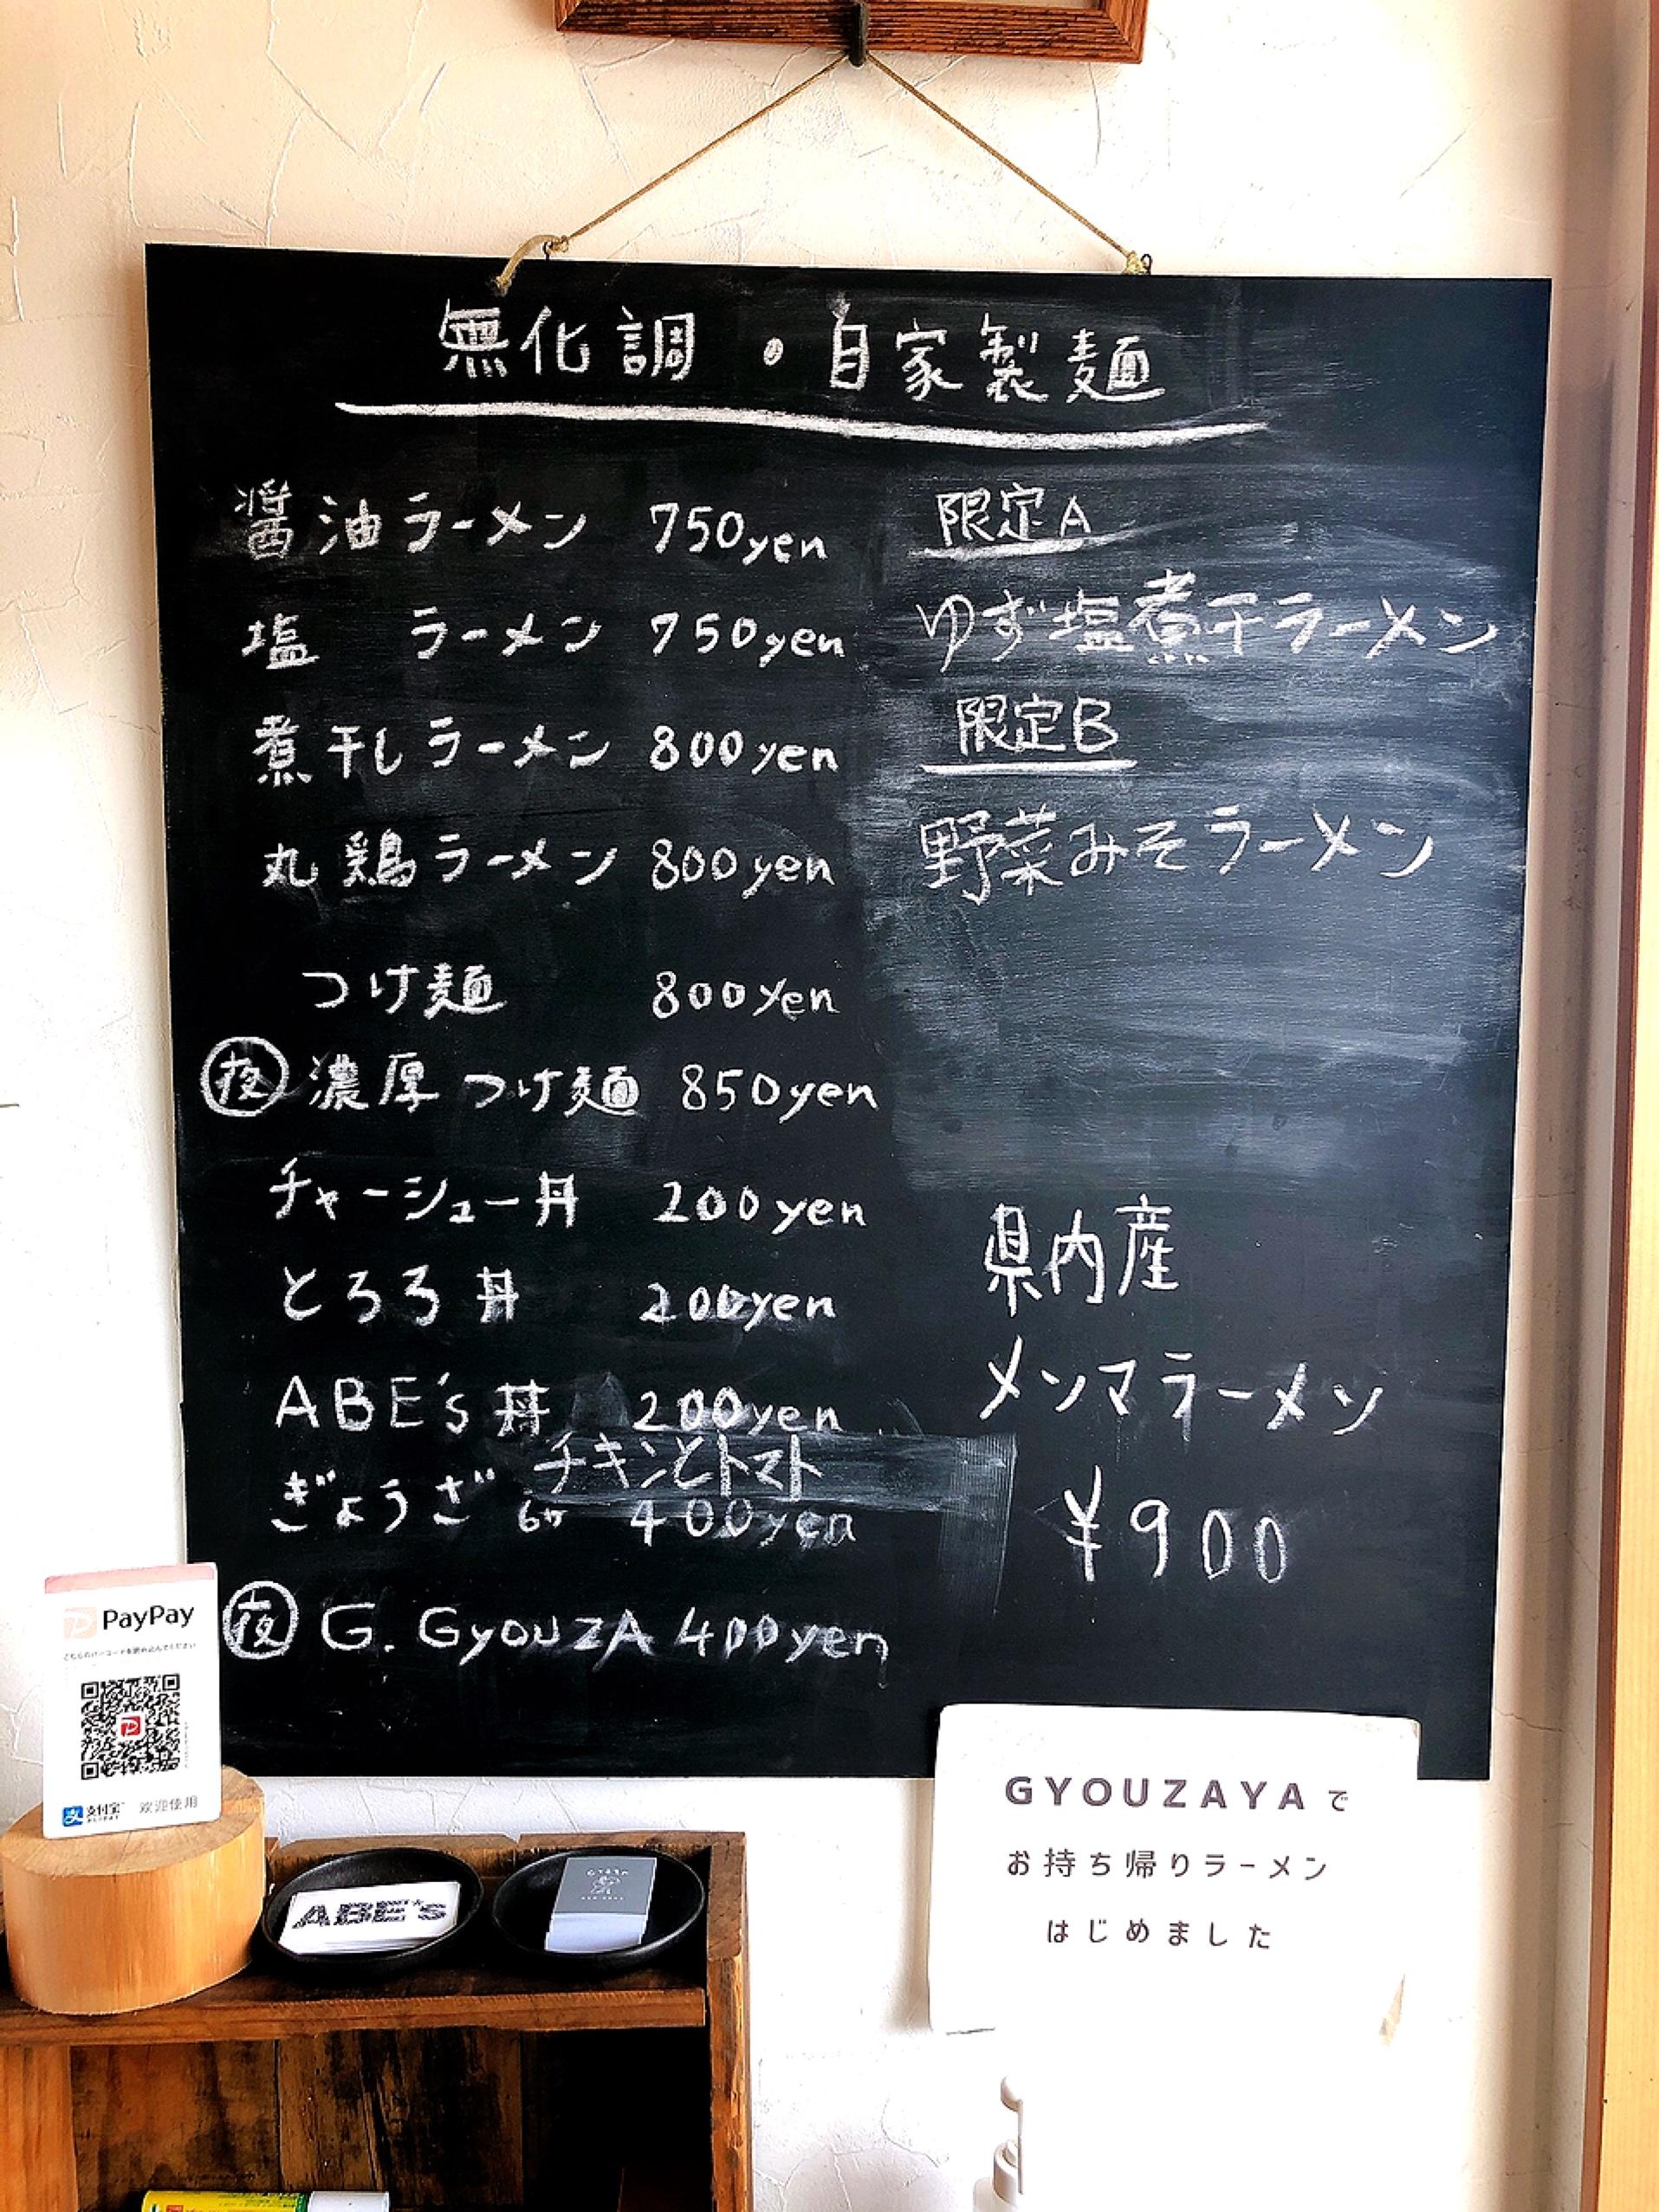 【#静岡】大人気のラーメン屋さんABE's♡煮干しラーメンが絶品( ´ ▽ ` )!_3